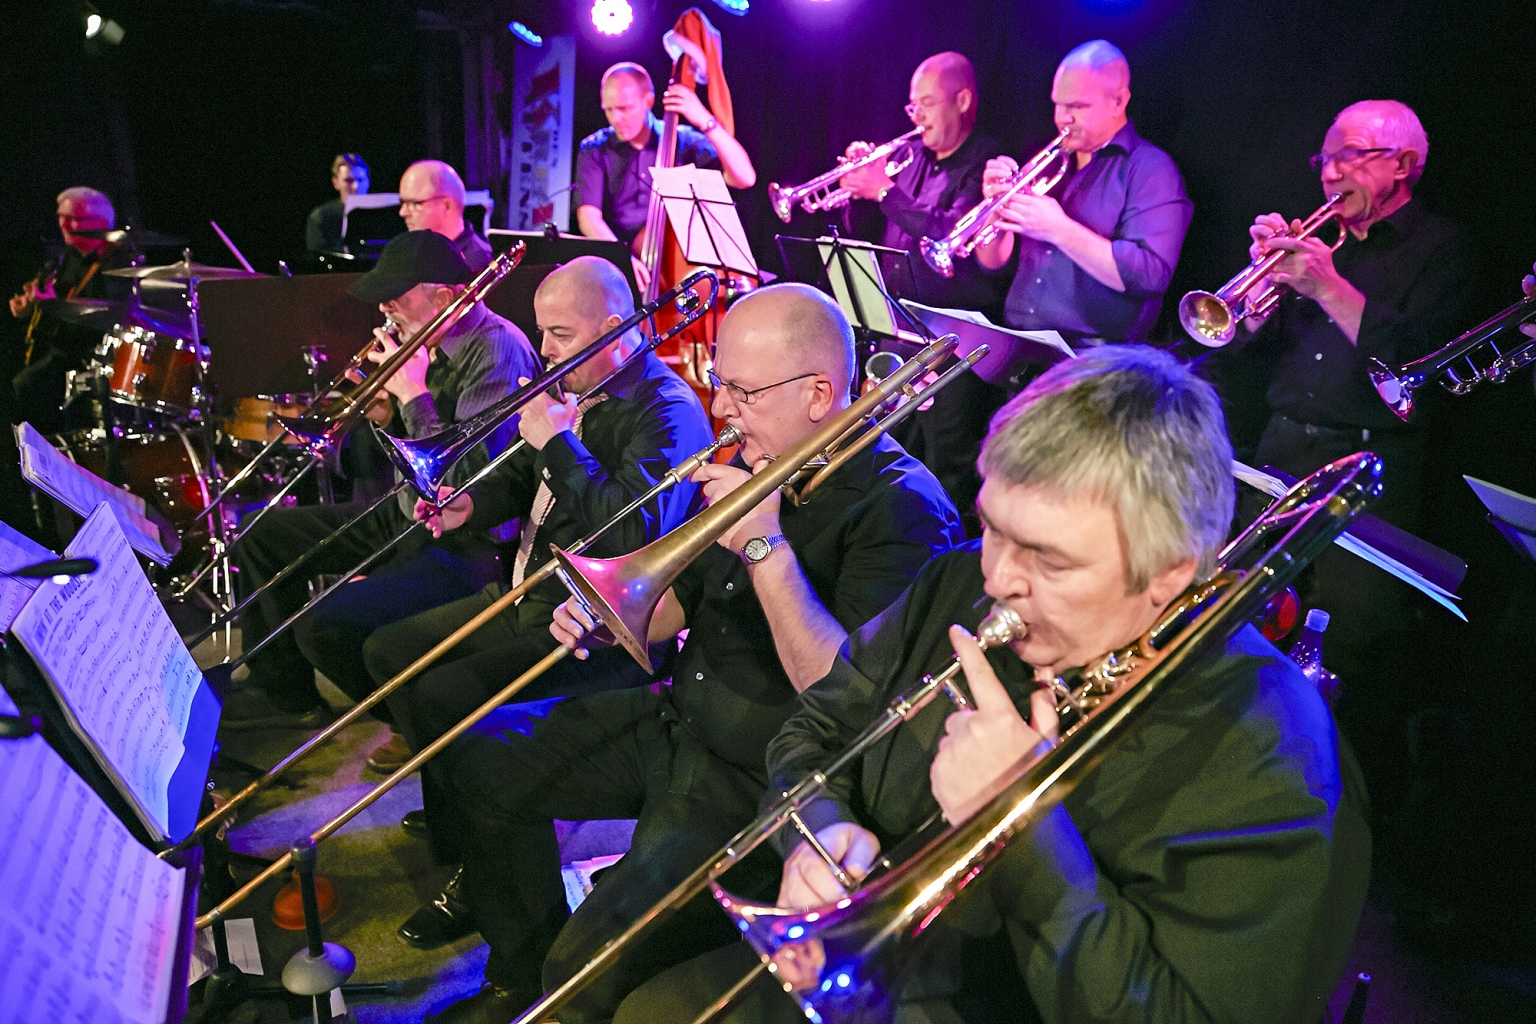 Julekoncert med Fredericia Big Band og Søren Okholm